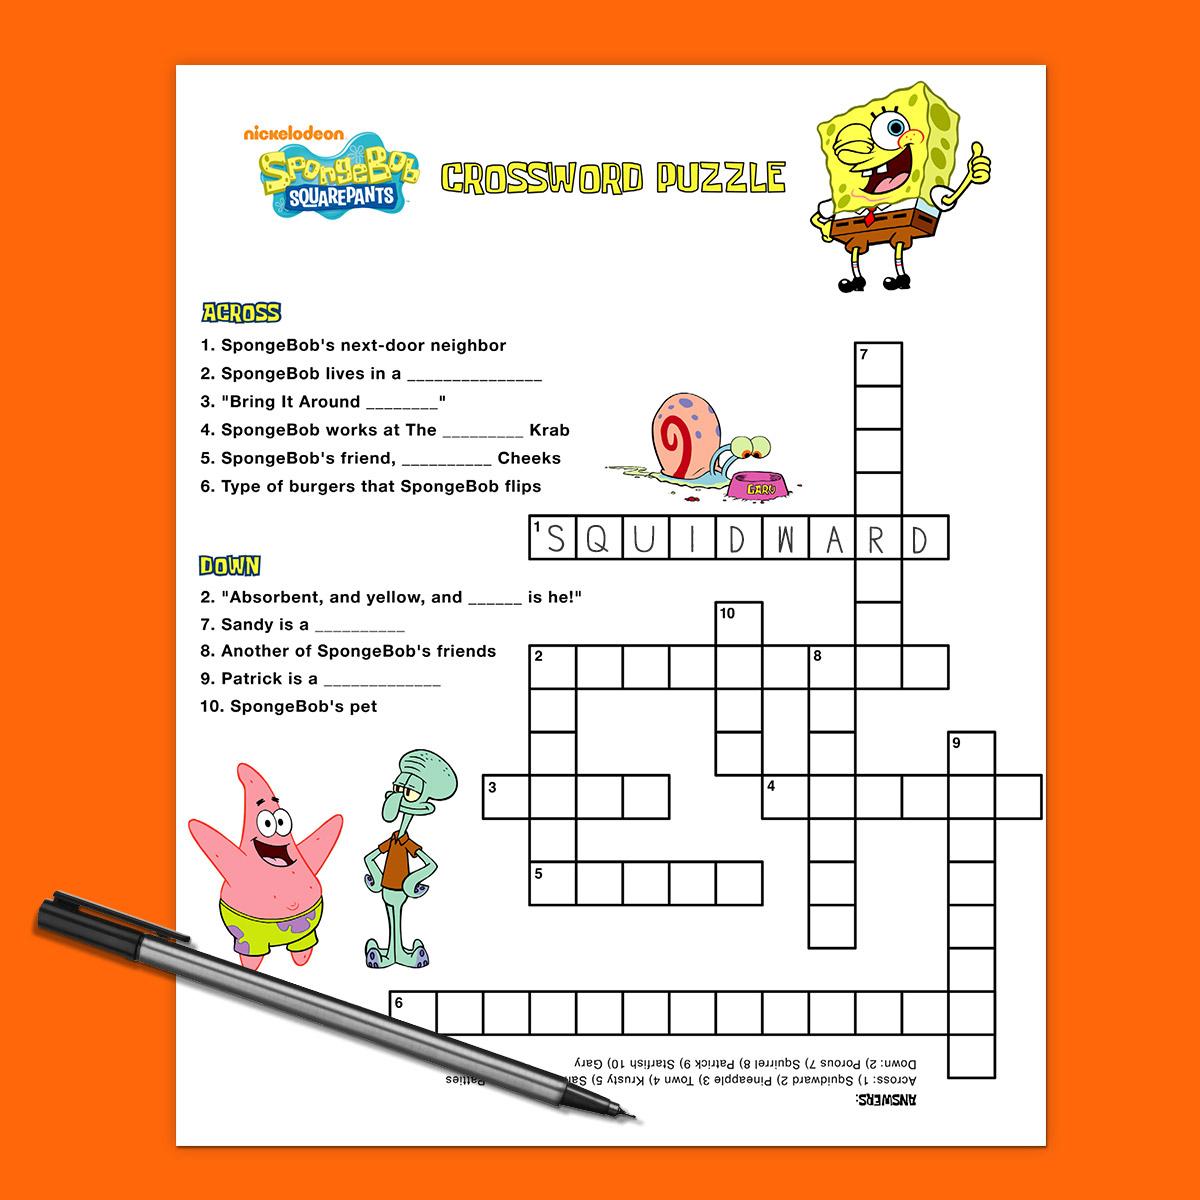 Spongebob Crossword Puzzle | Nickelodeon Parents - Printable Birthday Puzzles